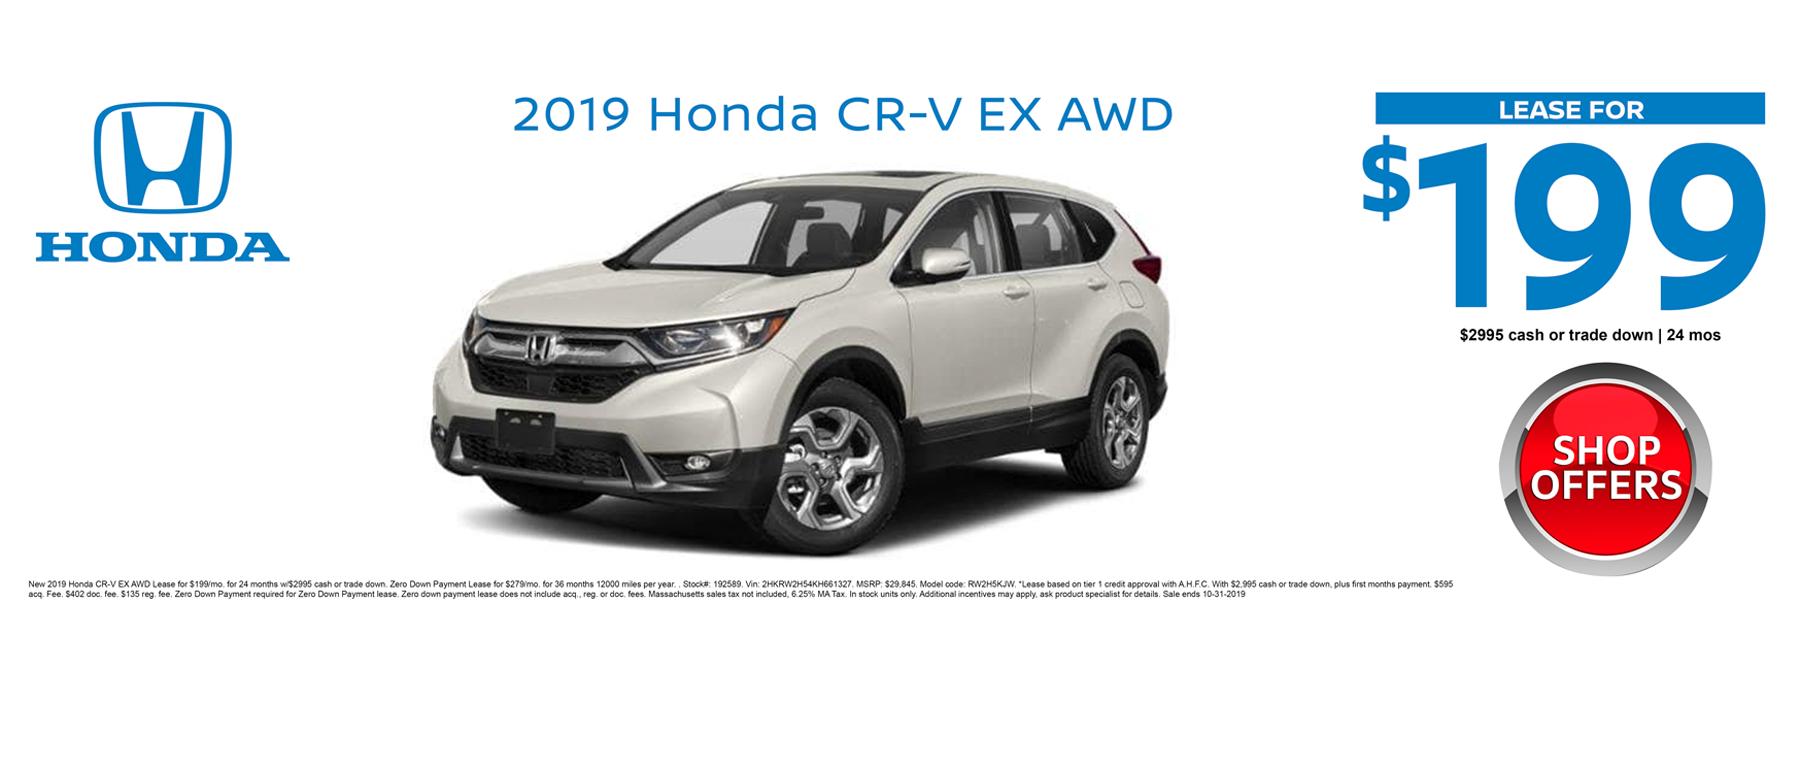 2019 Honda CR-V EX SUV October 2019 Lease Special